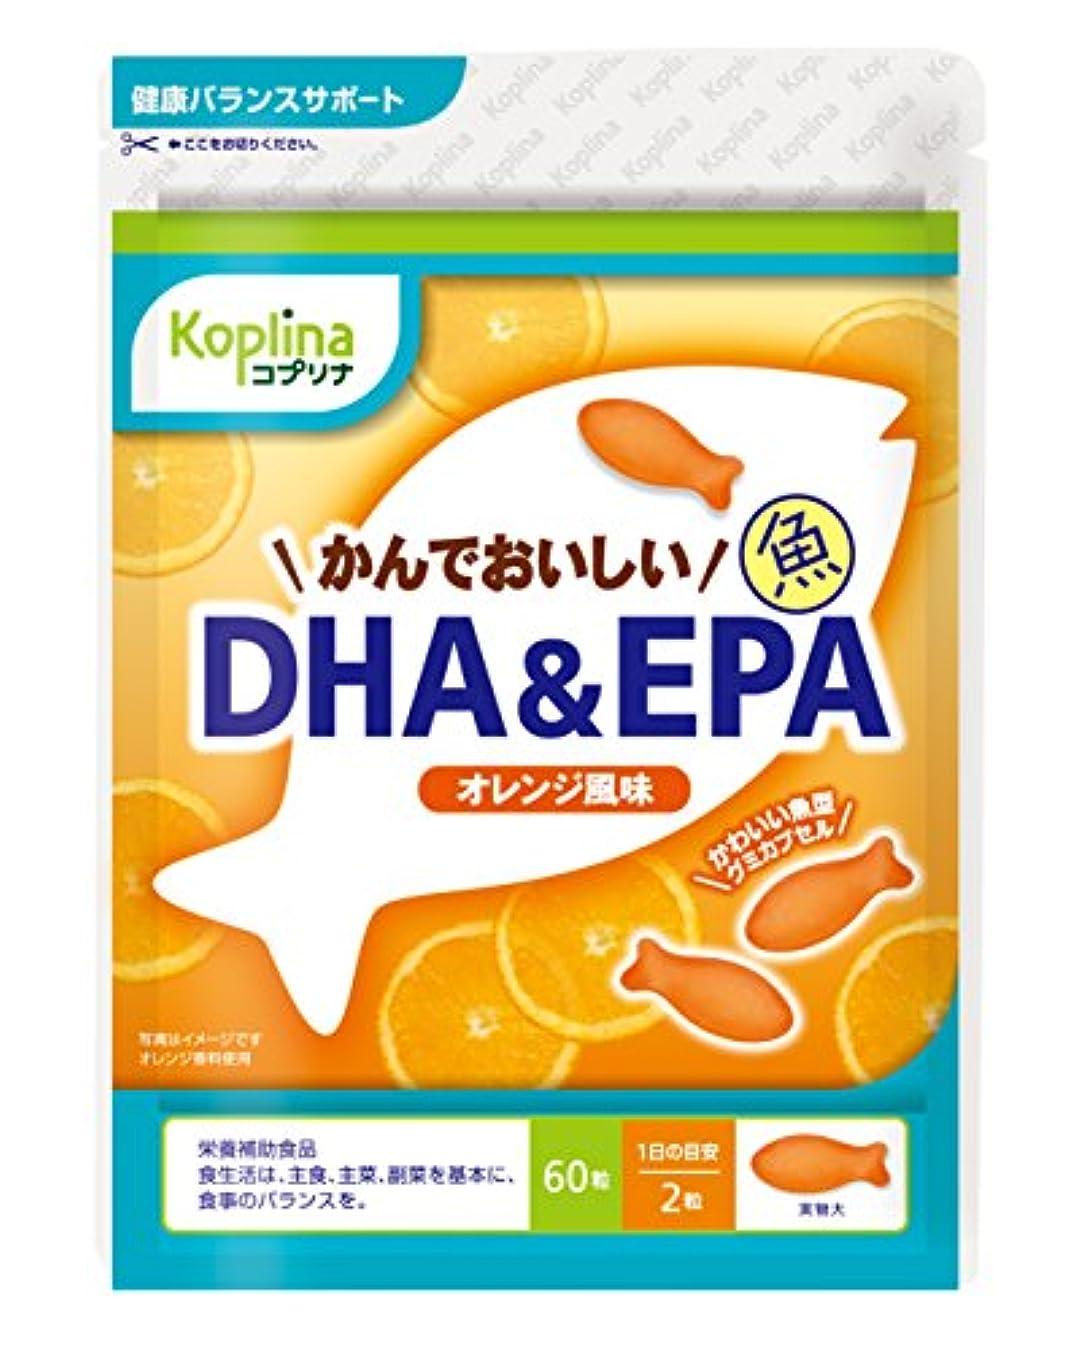 市の花充実ポルトガル語かんでおいしい魚DHA&EPA 60粒(オレンジ風味)日本国内製造 チュアブルタイプ (1) (1)